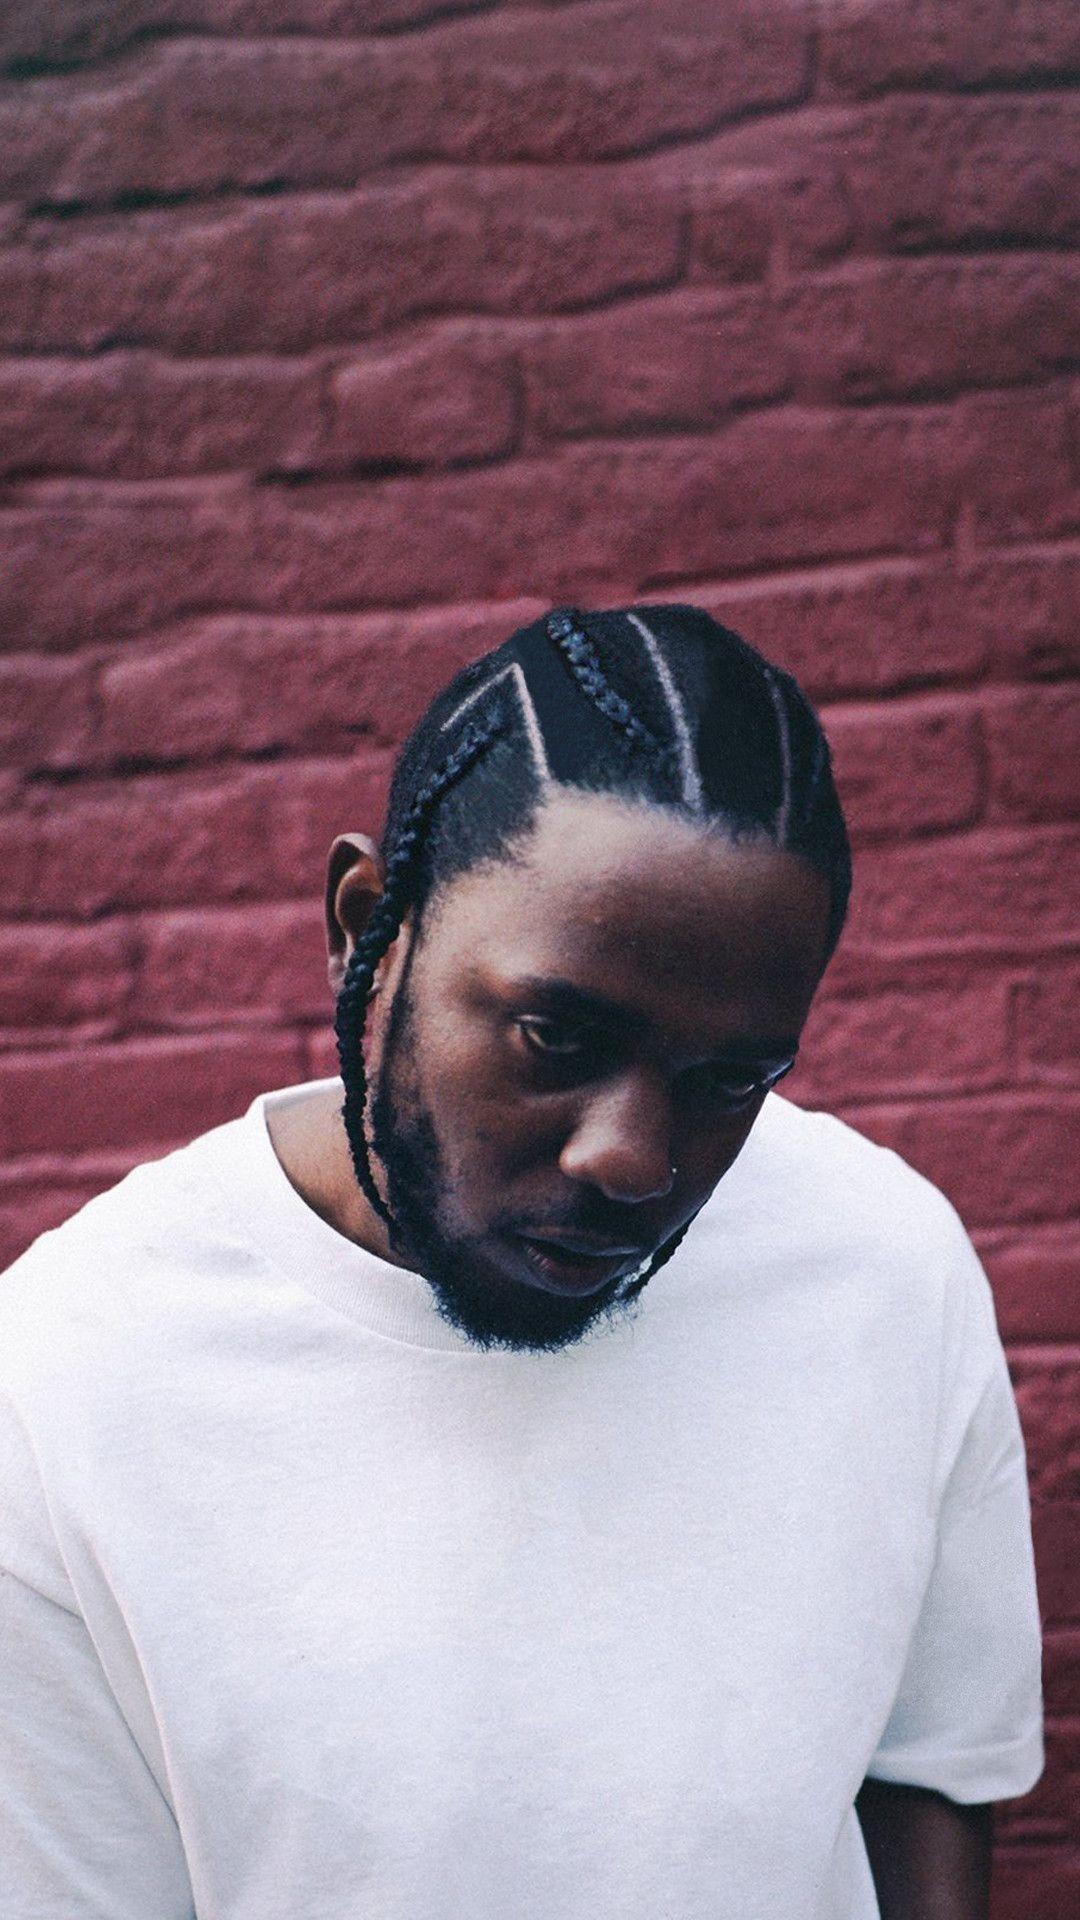 Beautiful Kendrick Lamar Images Download In 2020 Kendrick Lamar Kendrick Lamar Album Cover Rap Wallpaper